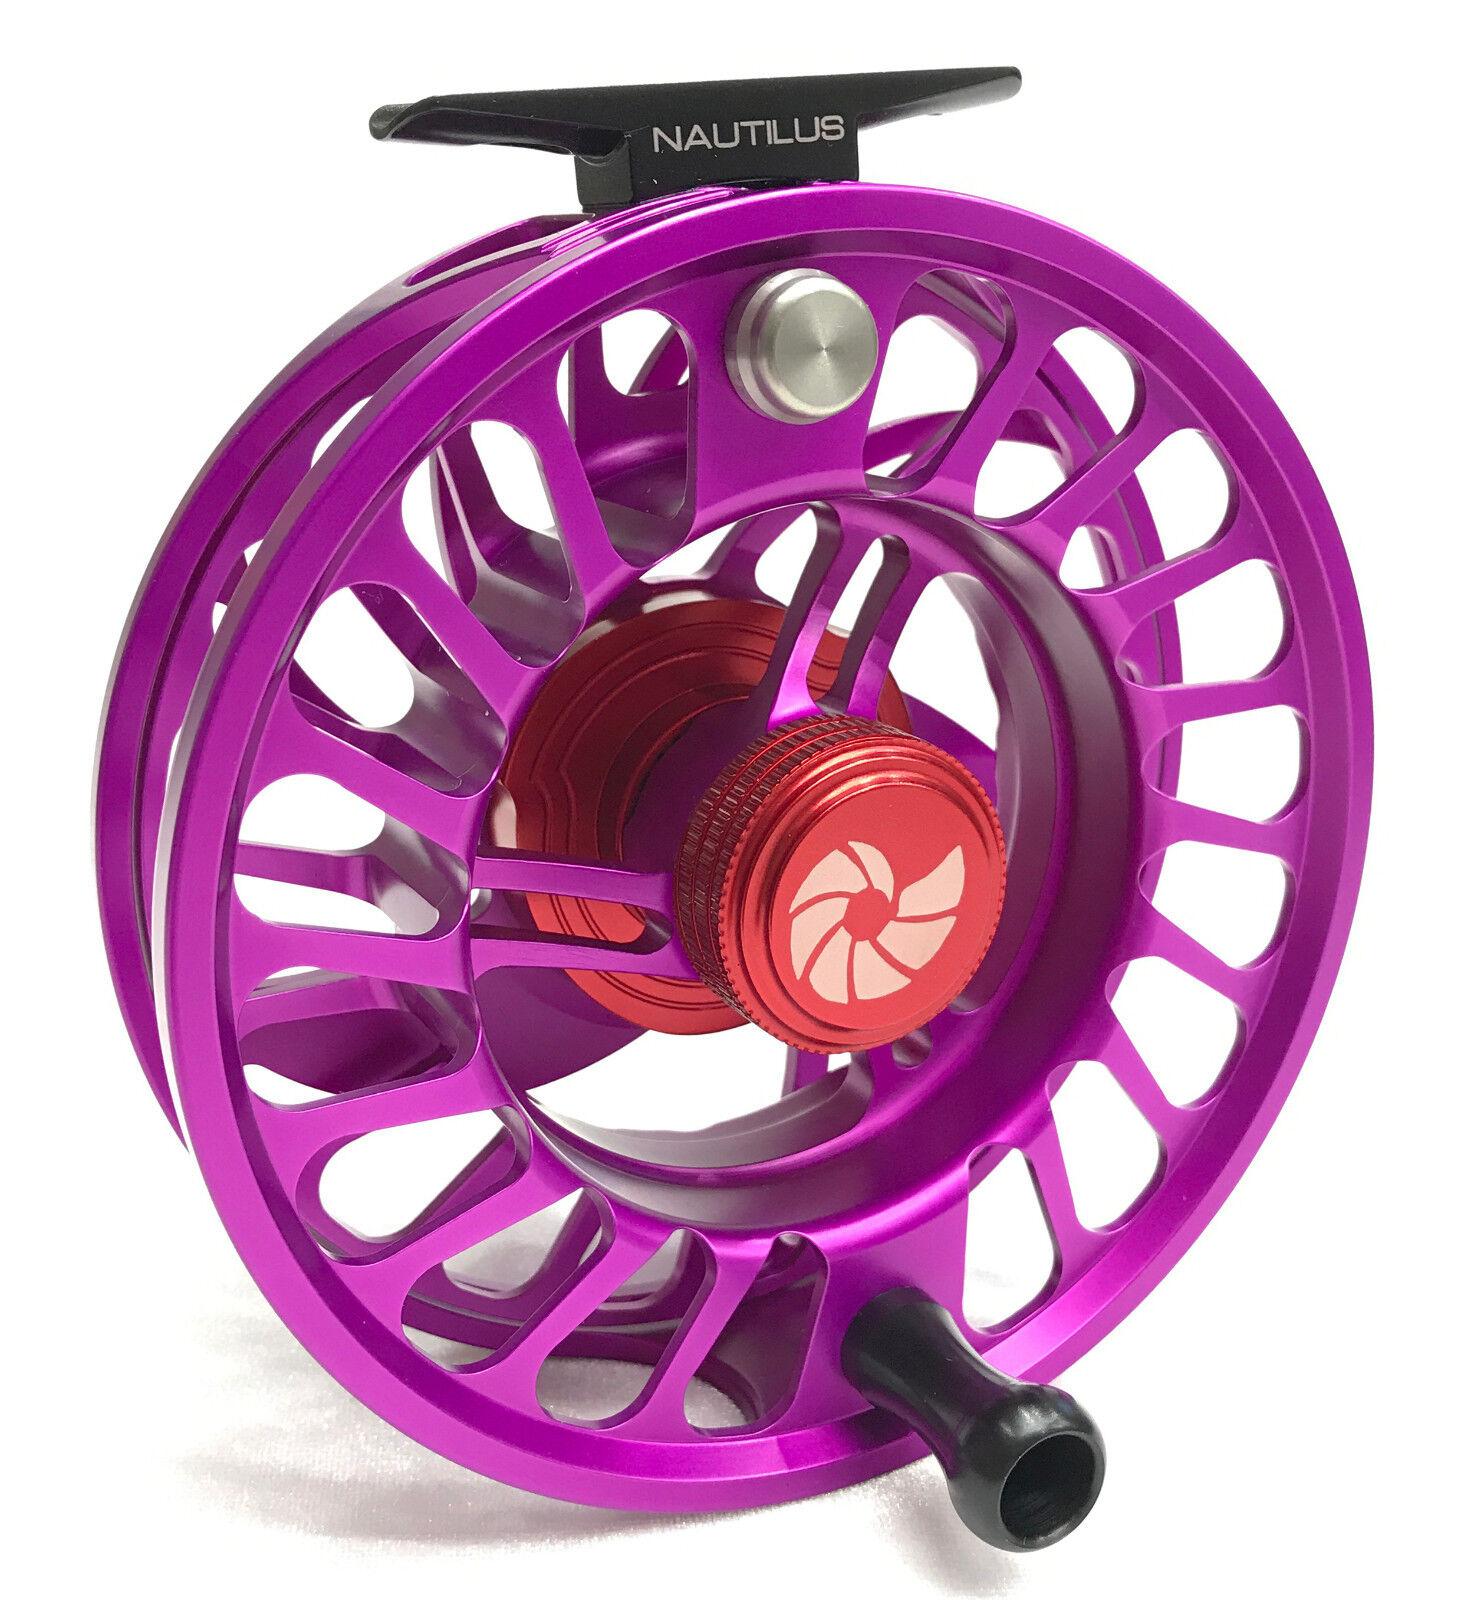 Nautilus plata King CCF-X2 Cocherete De Pesca Con Mosca-púrpuraa Personalizado-Nuevo en Caja Envío Gratis en EE. UU.